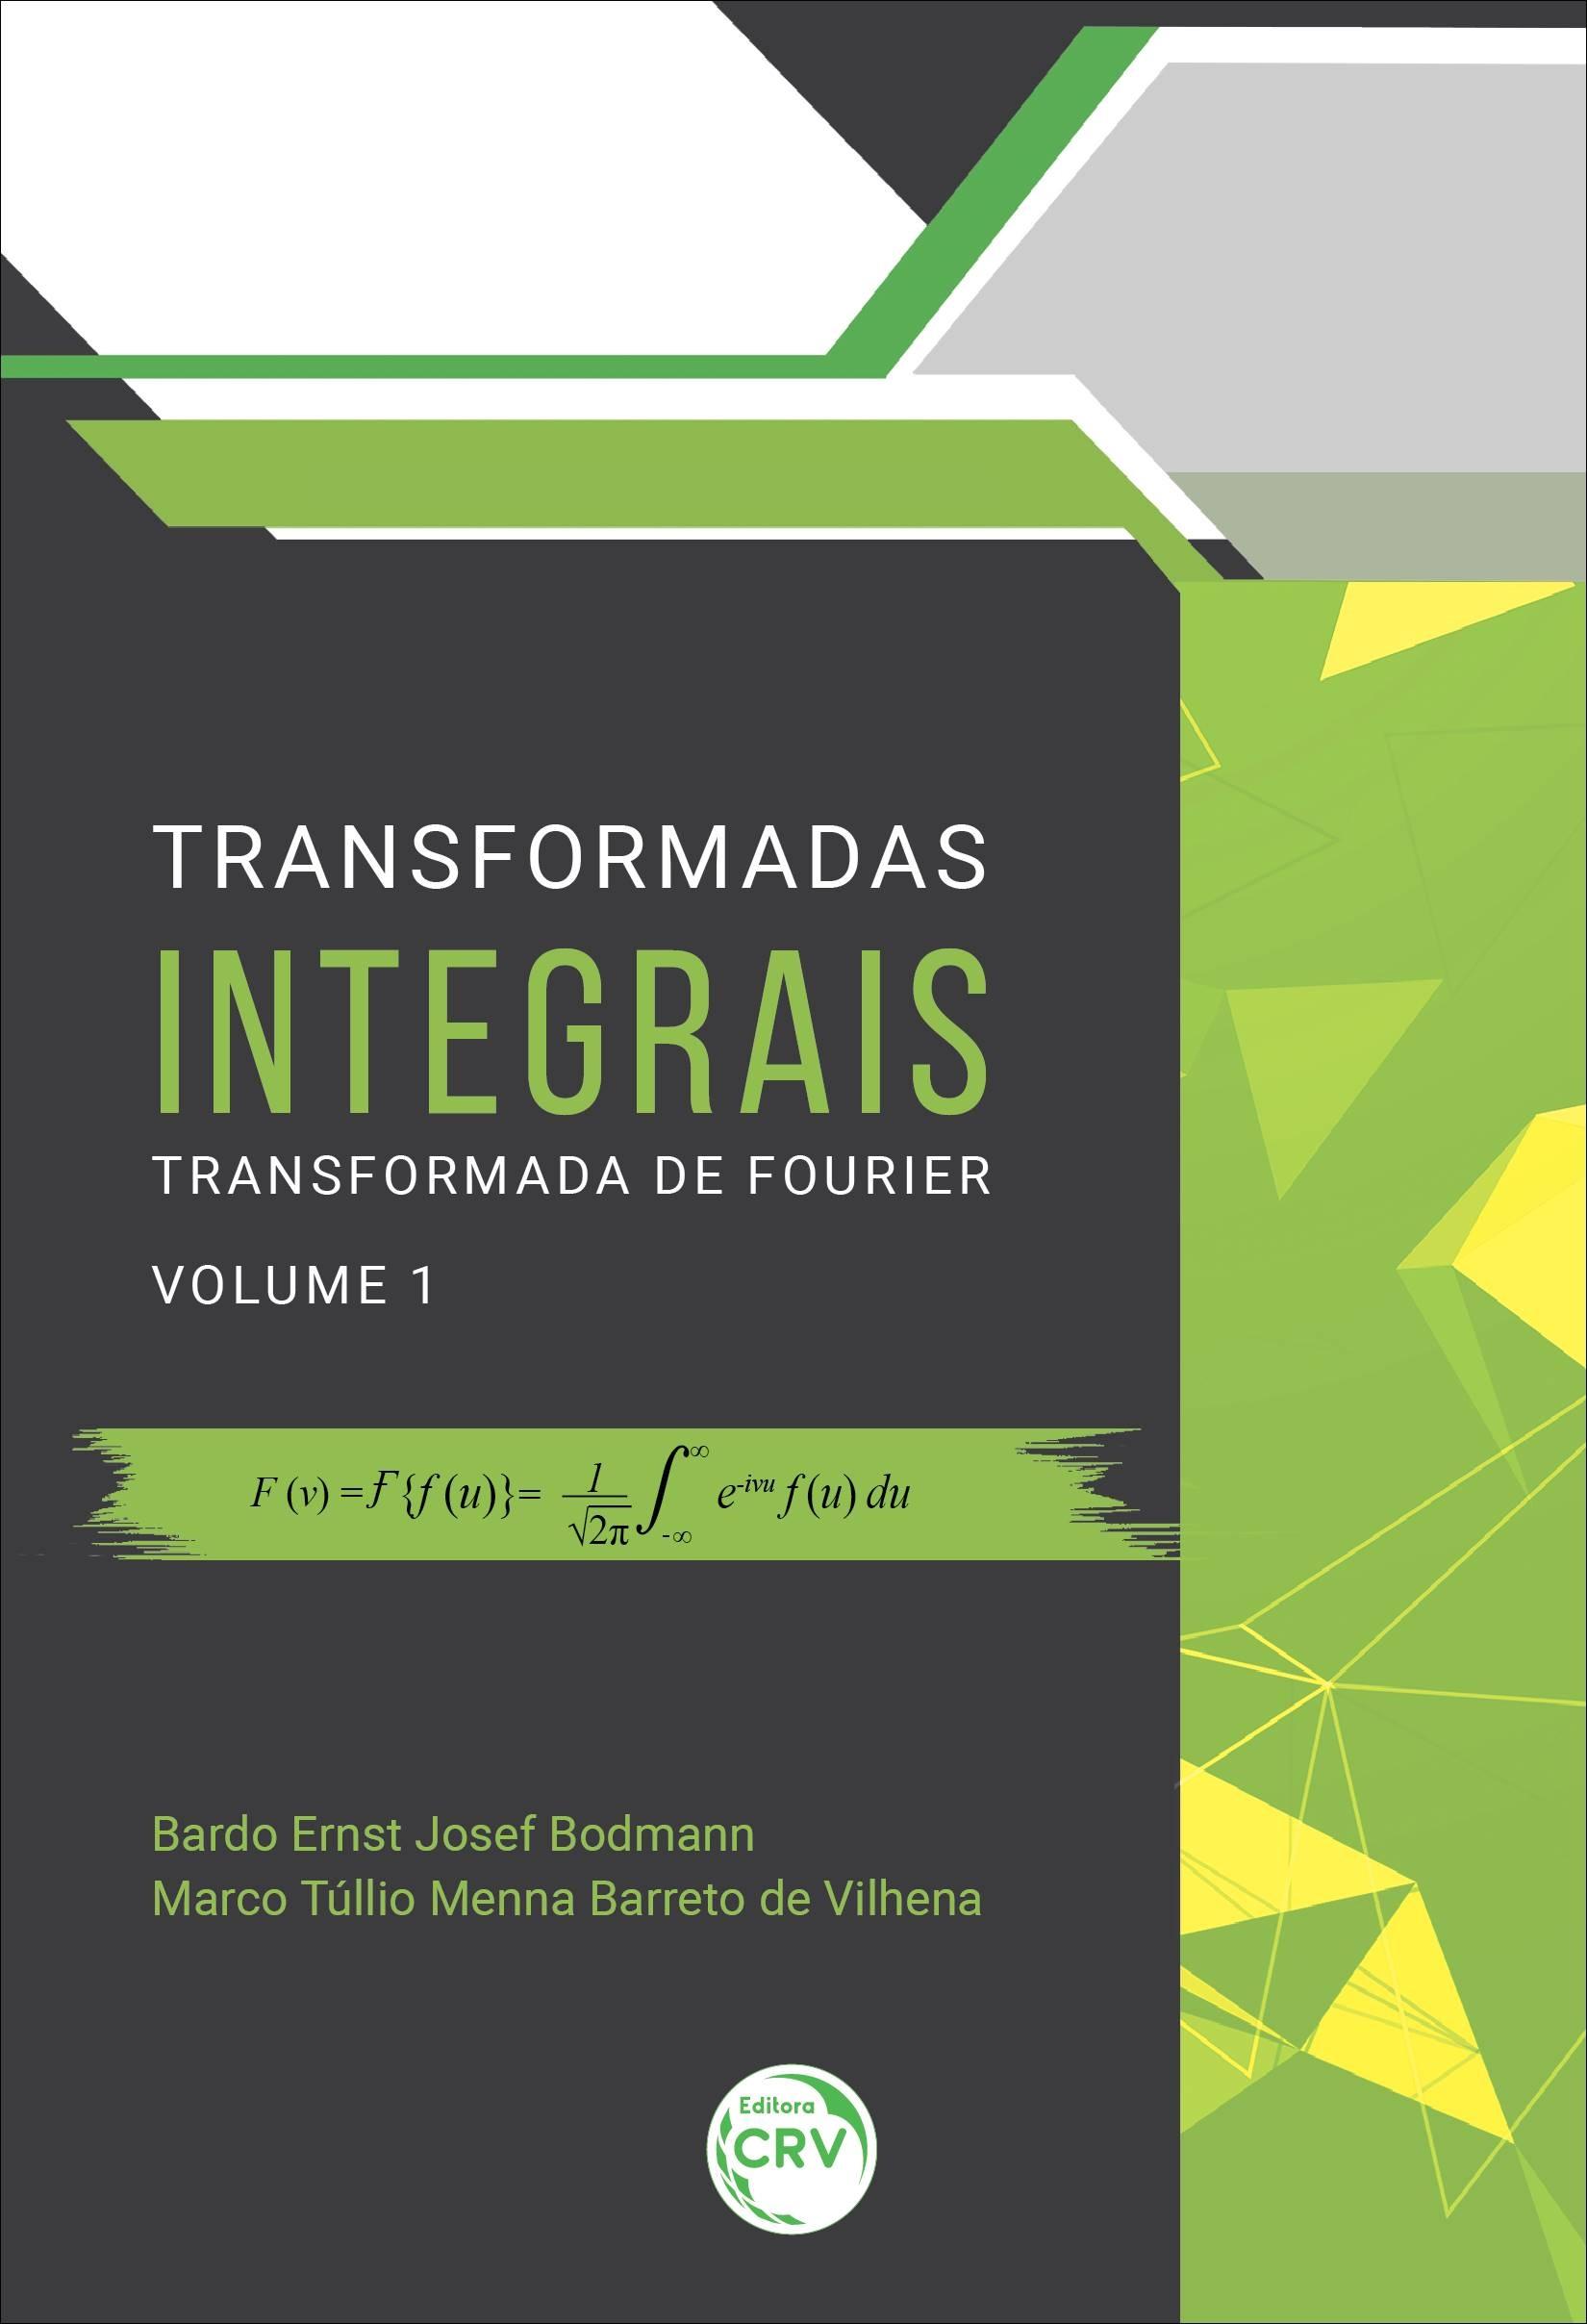 Capa do livro: TRANSFORMADAS INTEGRAIS: <br>Transformada de Fourier Volume 1